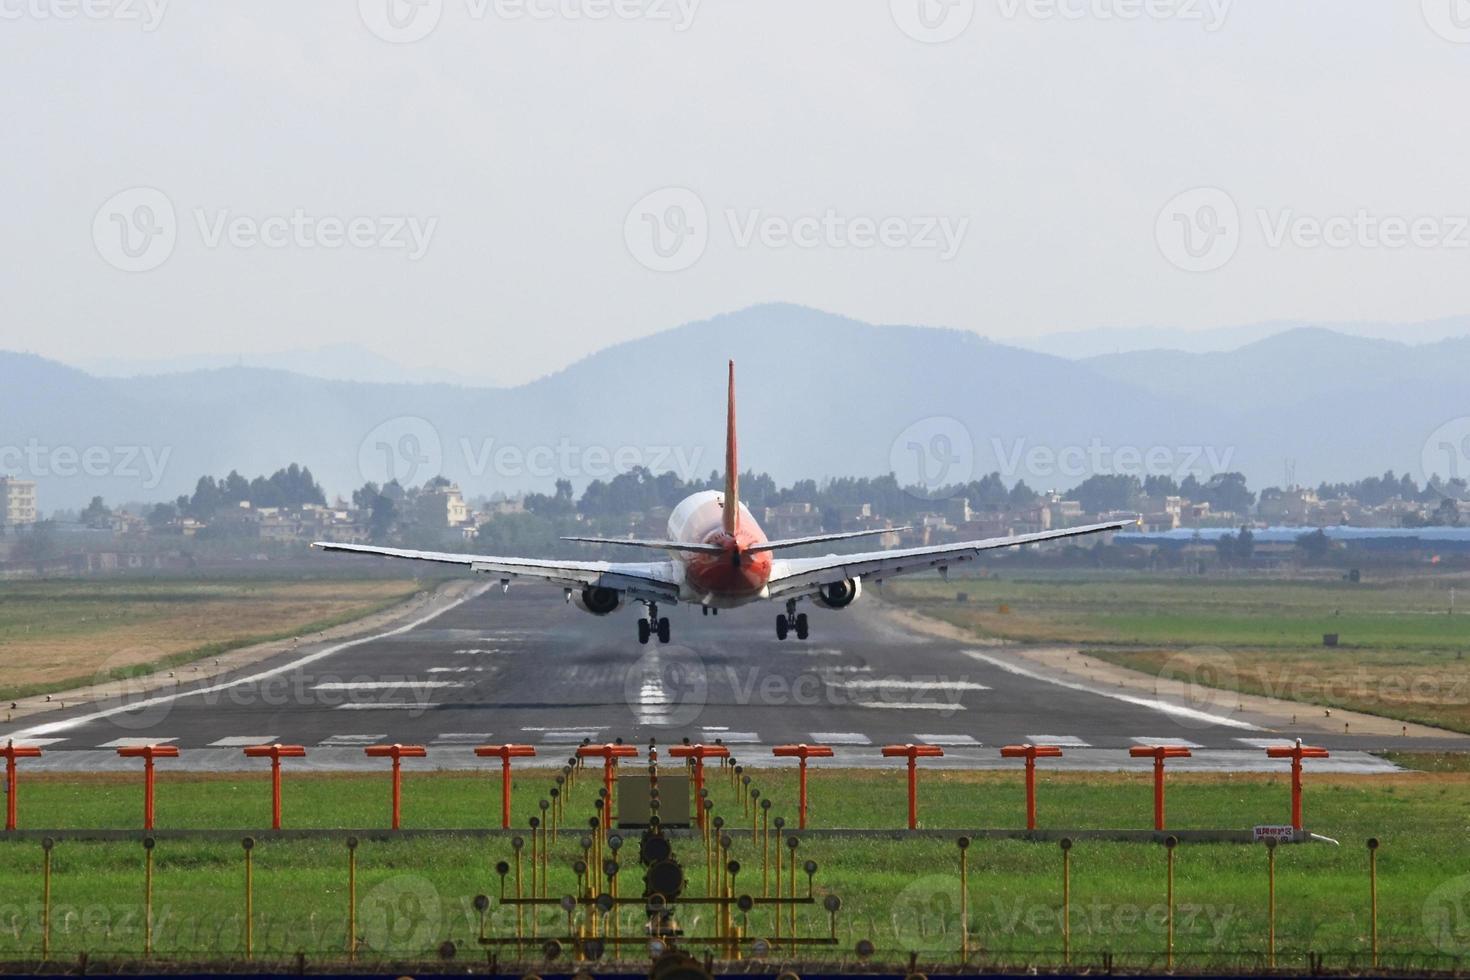 mit Landeflugzeugen zur Landebahn des Flughafens fahren foto